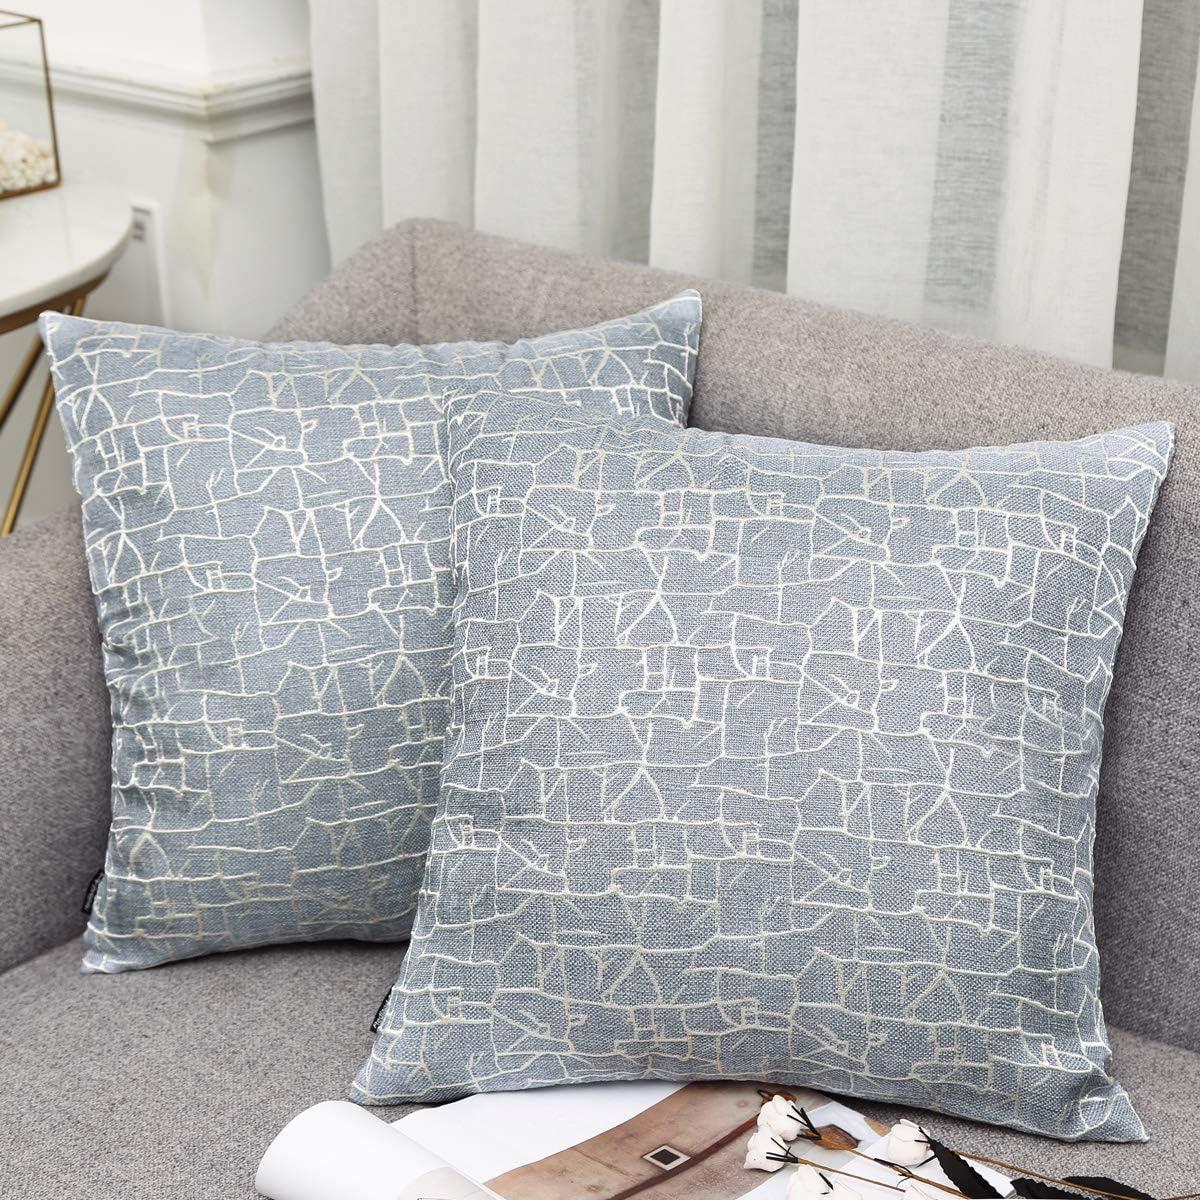 Stripe Cotton Linen Throw Pillow Case Cushion Cover Sofa Decor Light Gray Sfhs Org